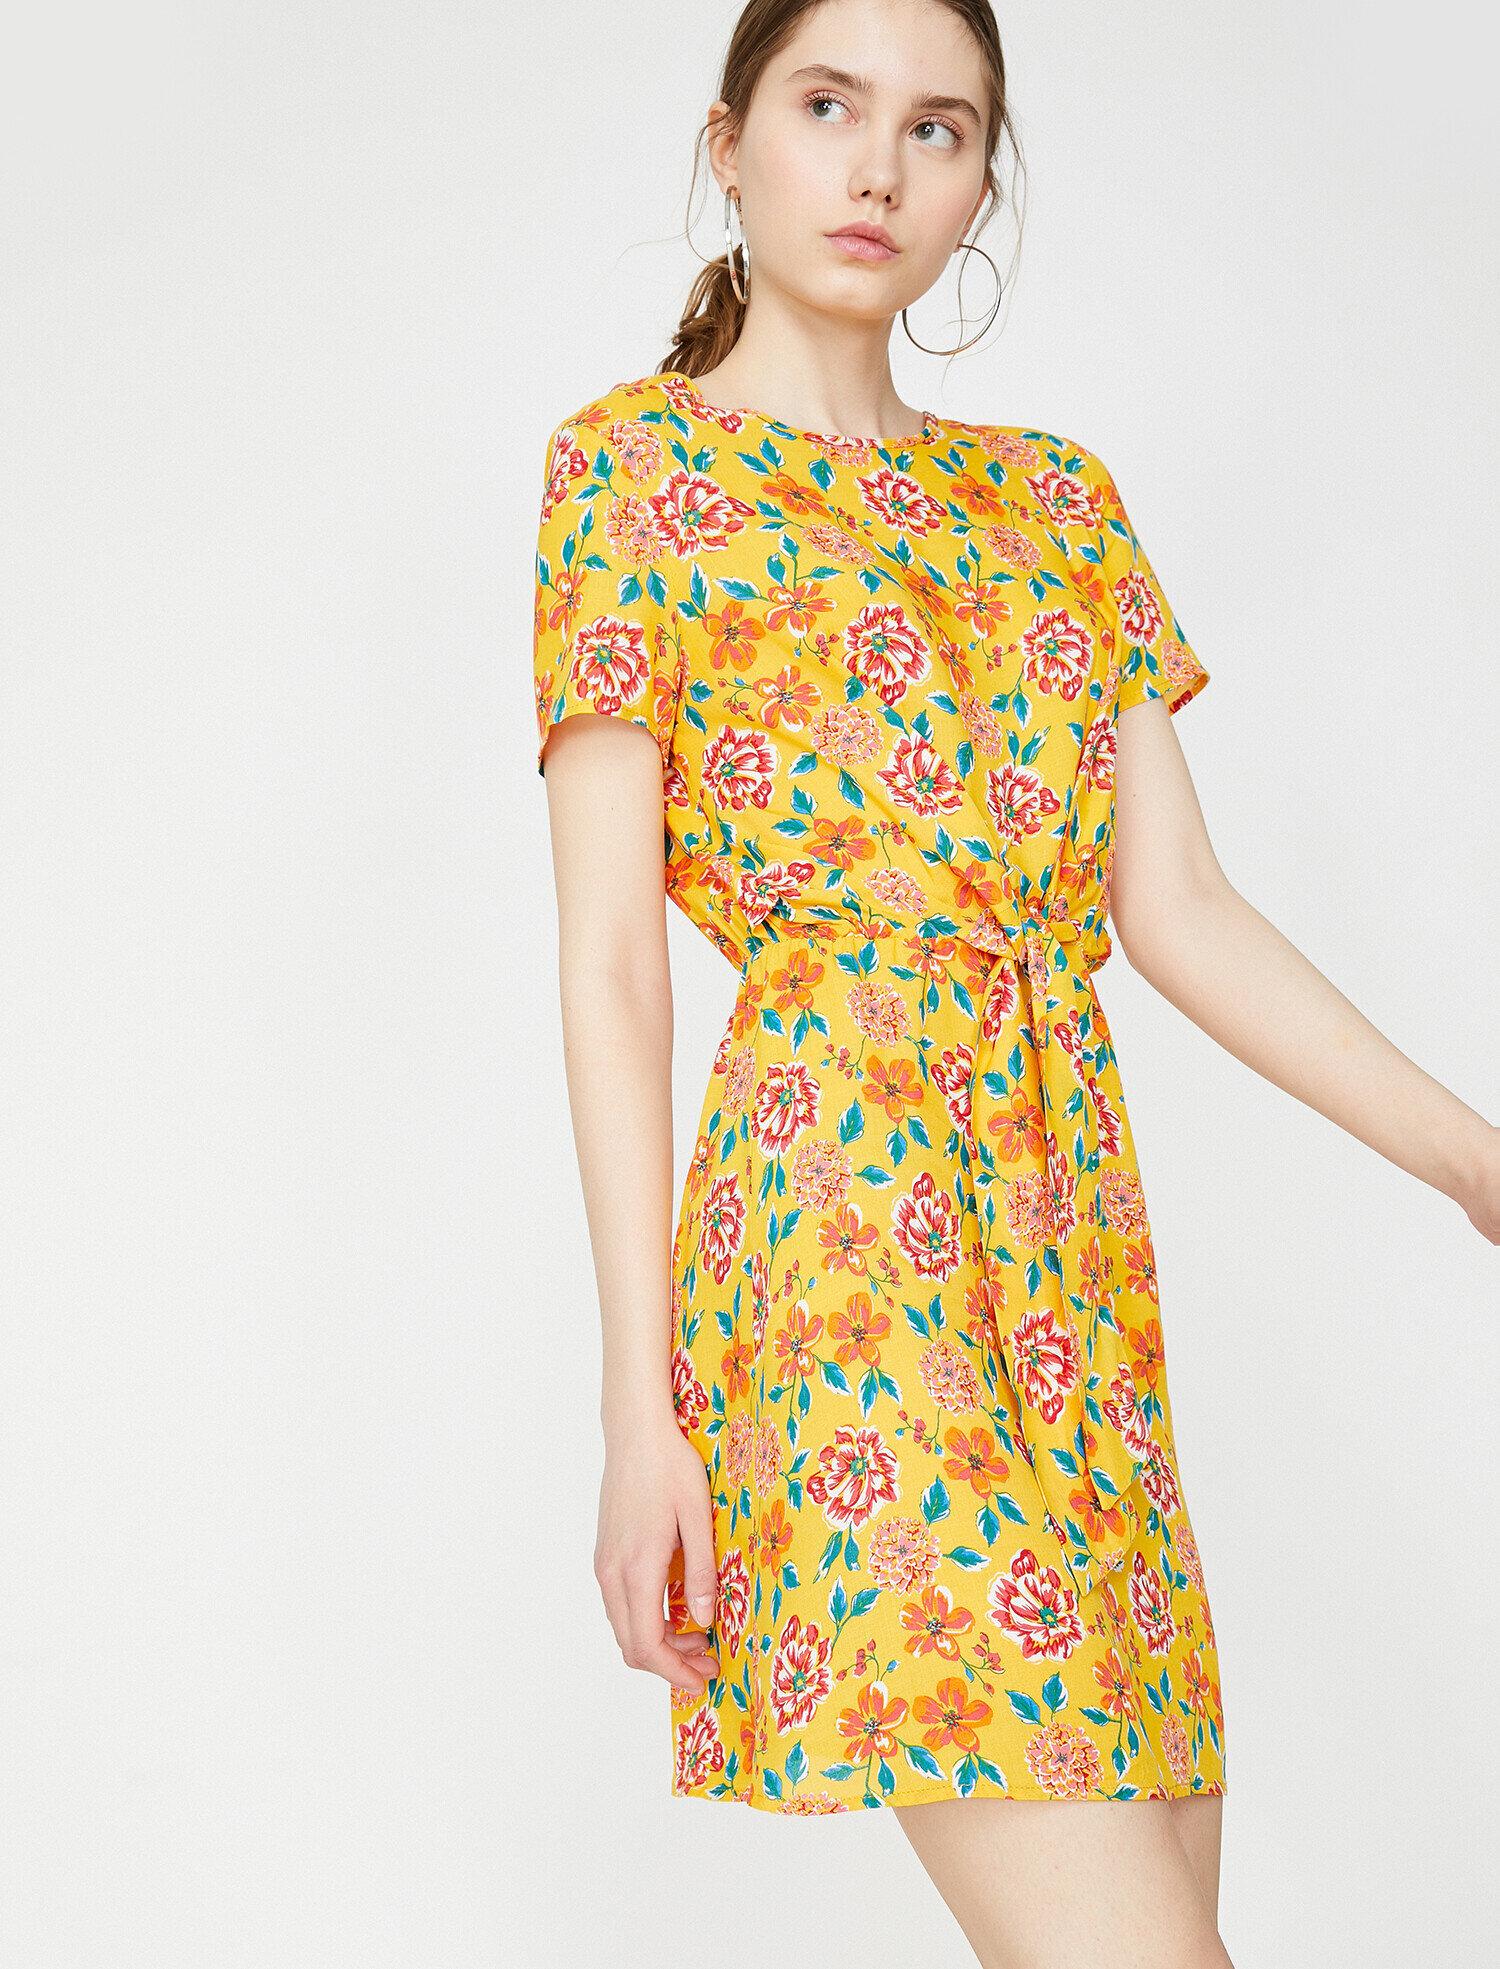 281250bc6eaed Sarı Bayan The Floral Dress - Çiçek Desenli Elbise 9YAL88263OW01U ...